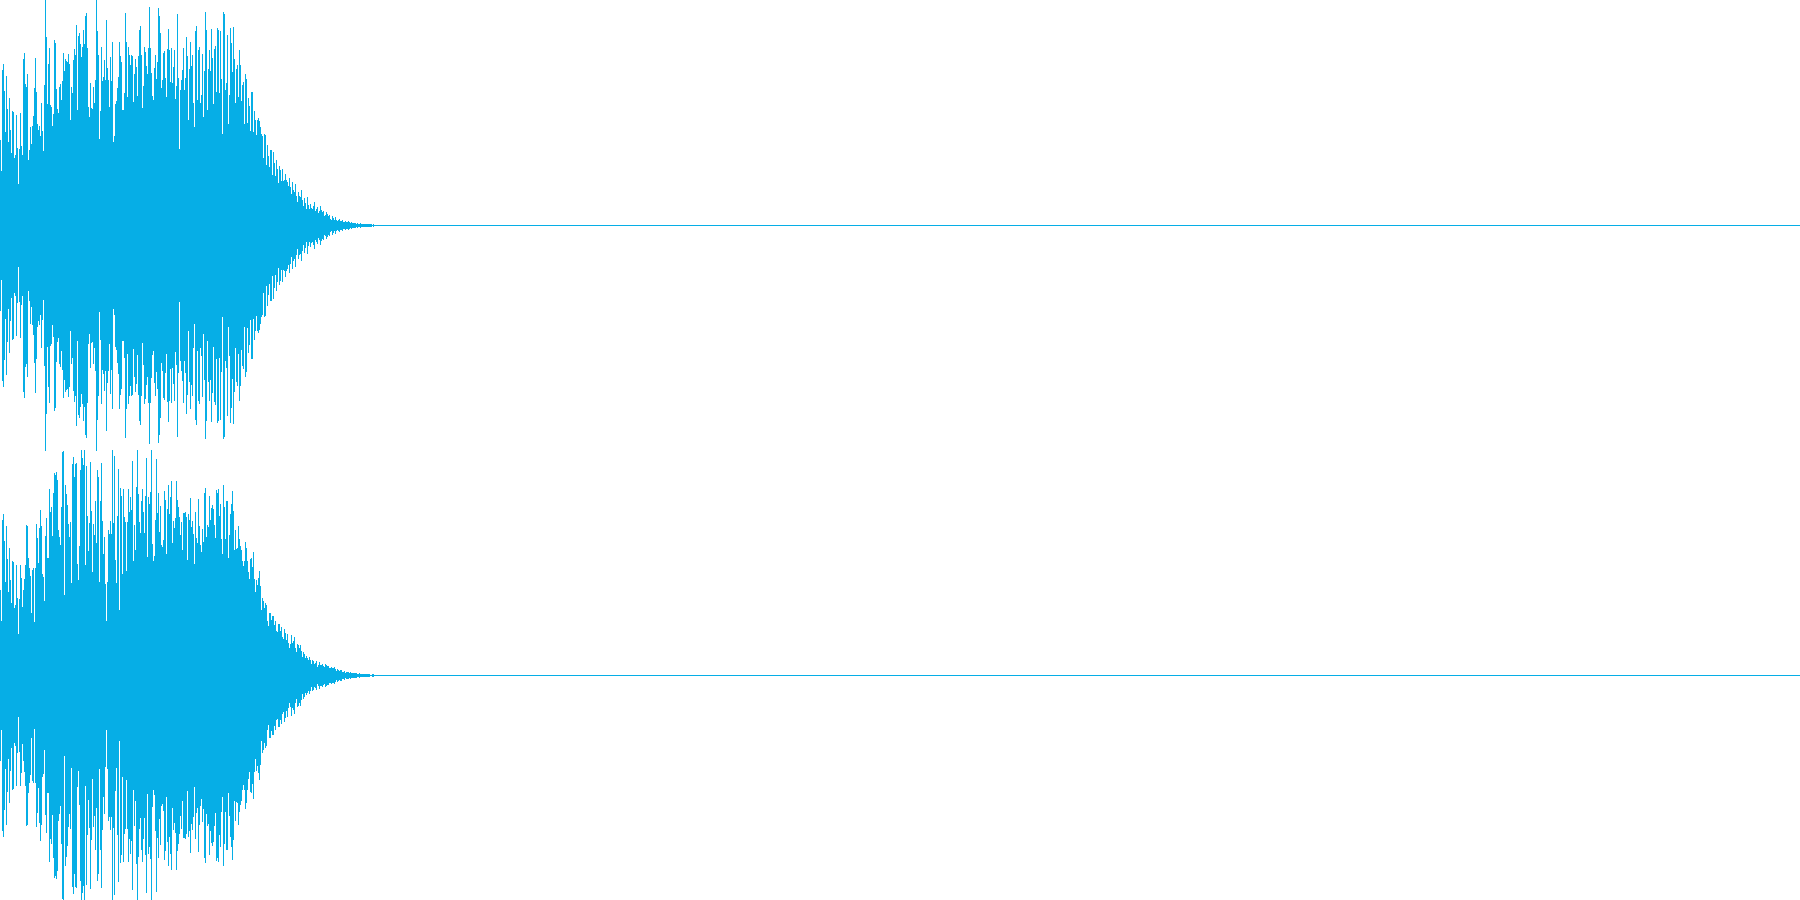 システム音48_シンセYの再生済みの波形